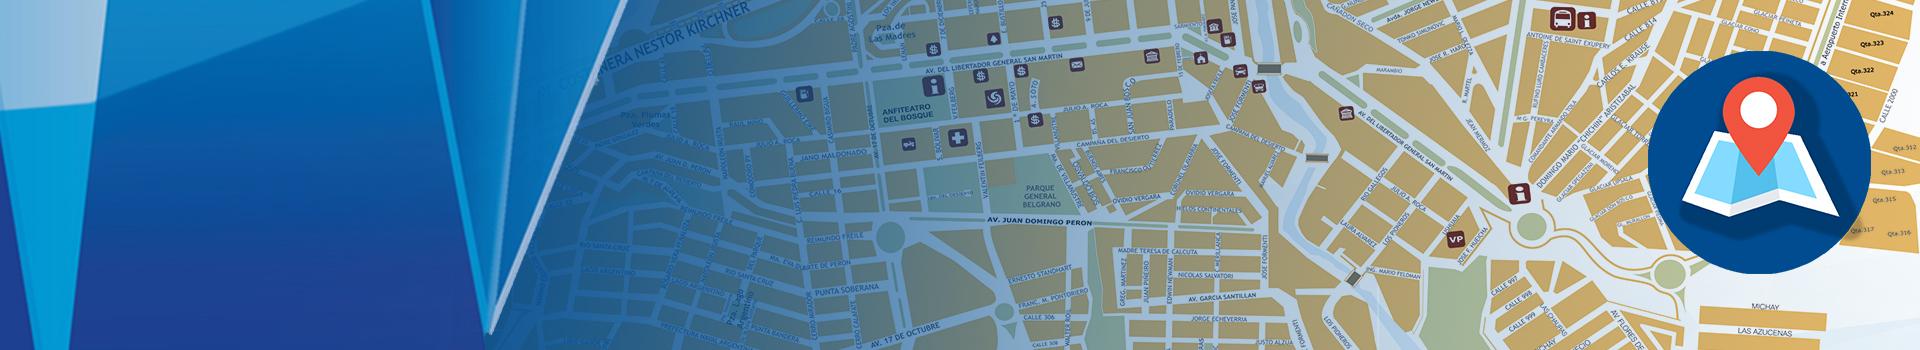 2banner-maps.jpg